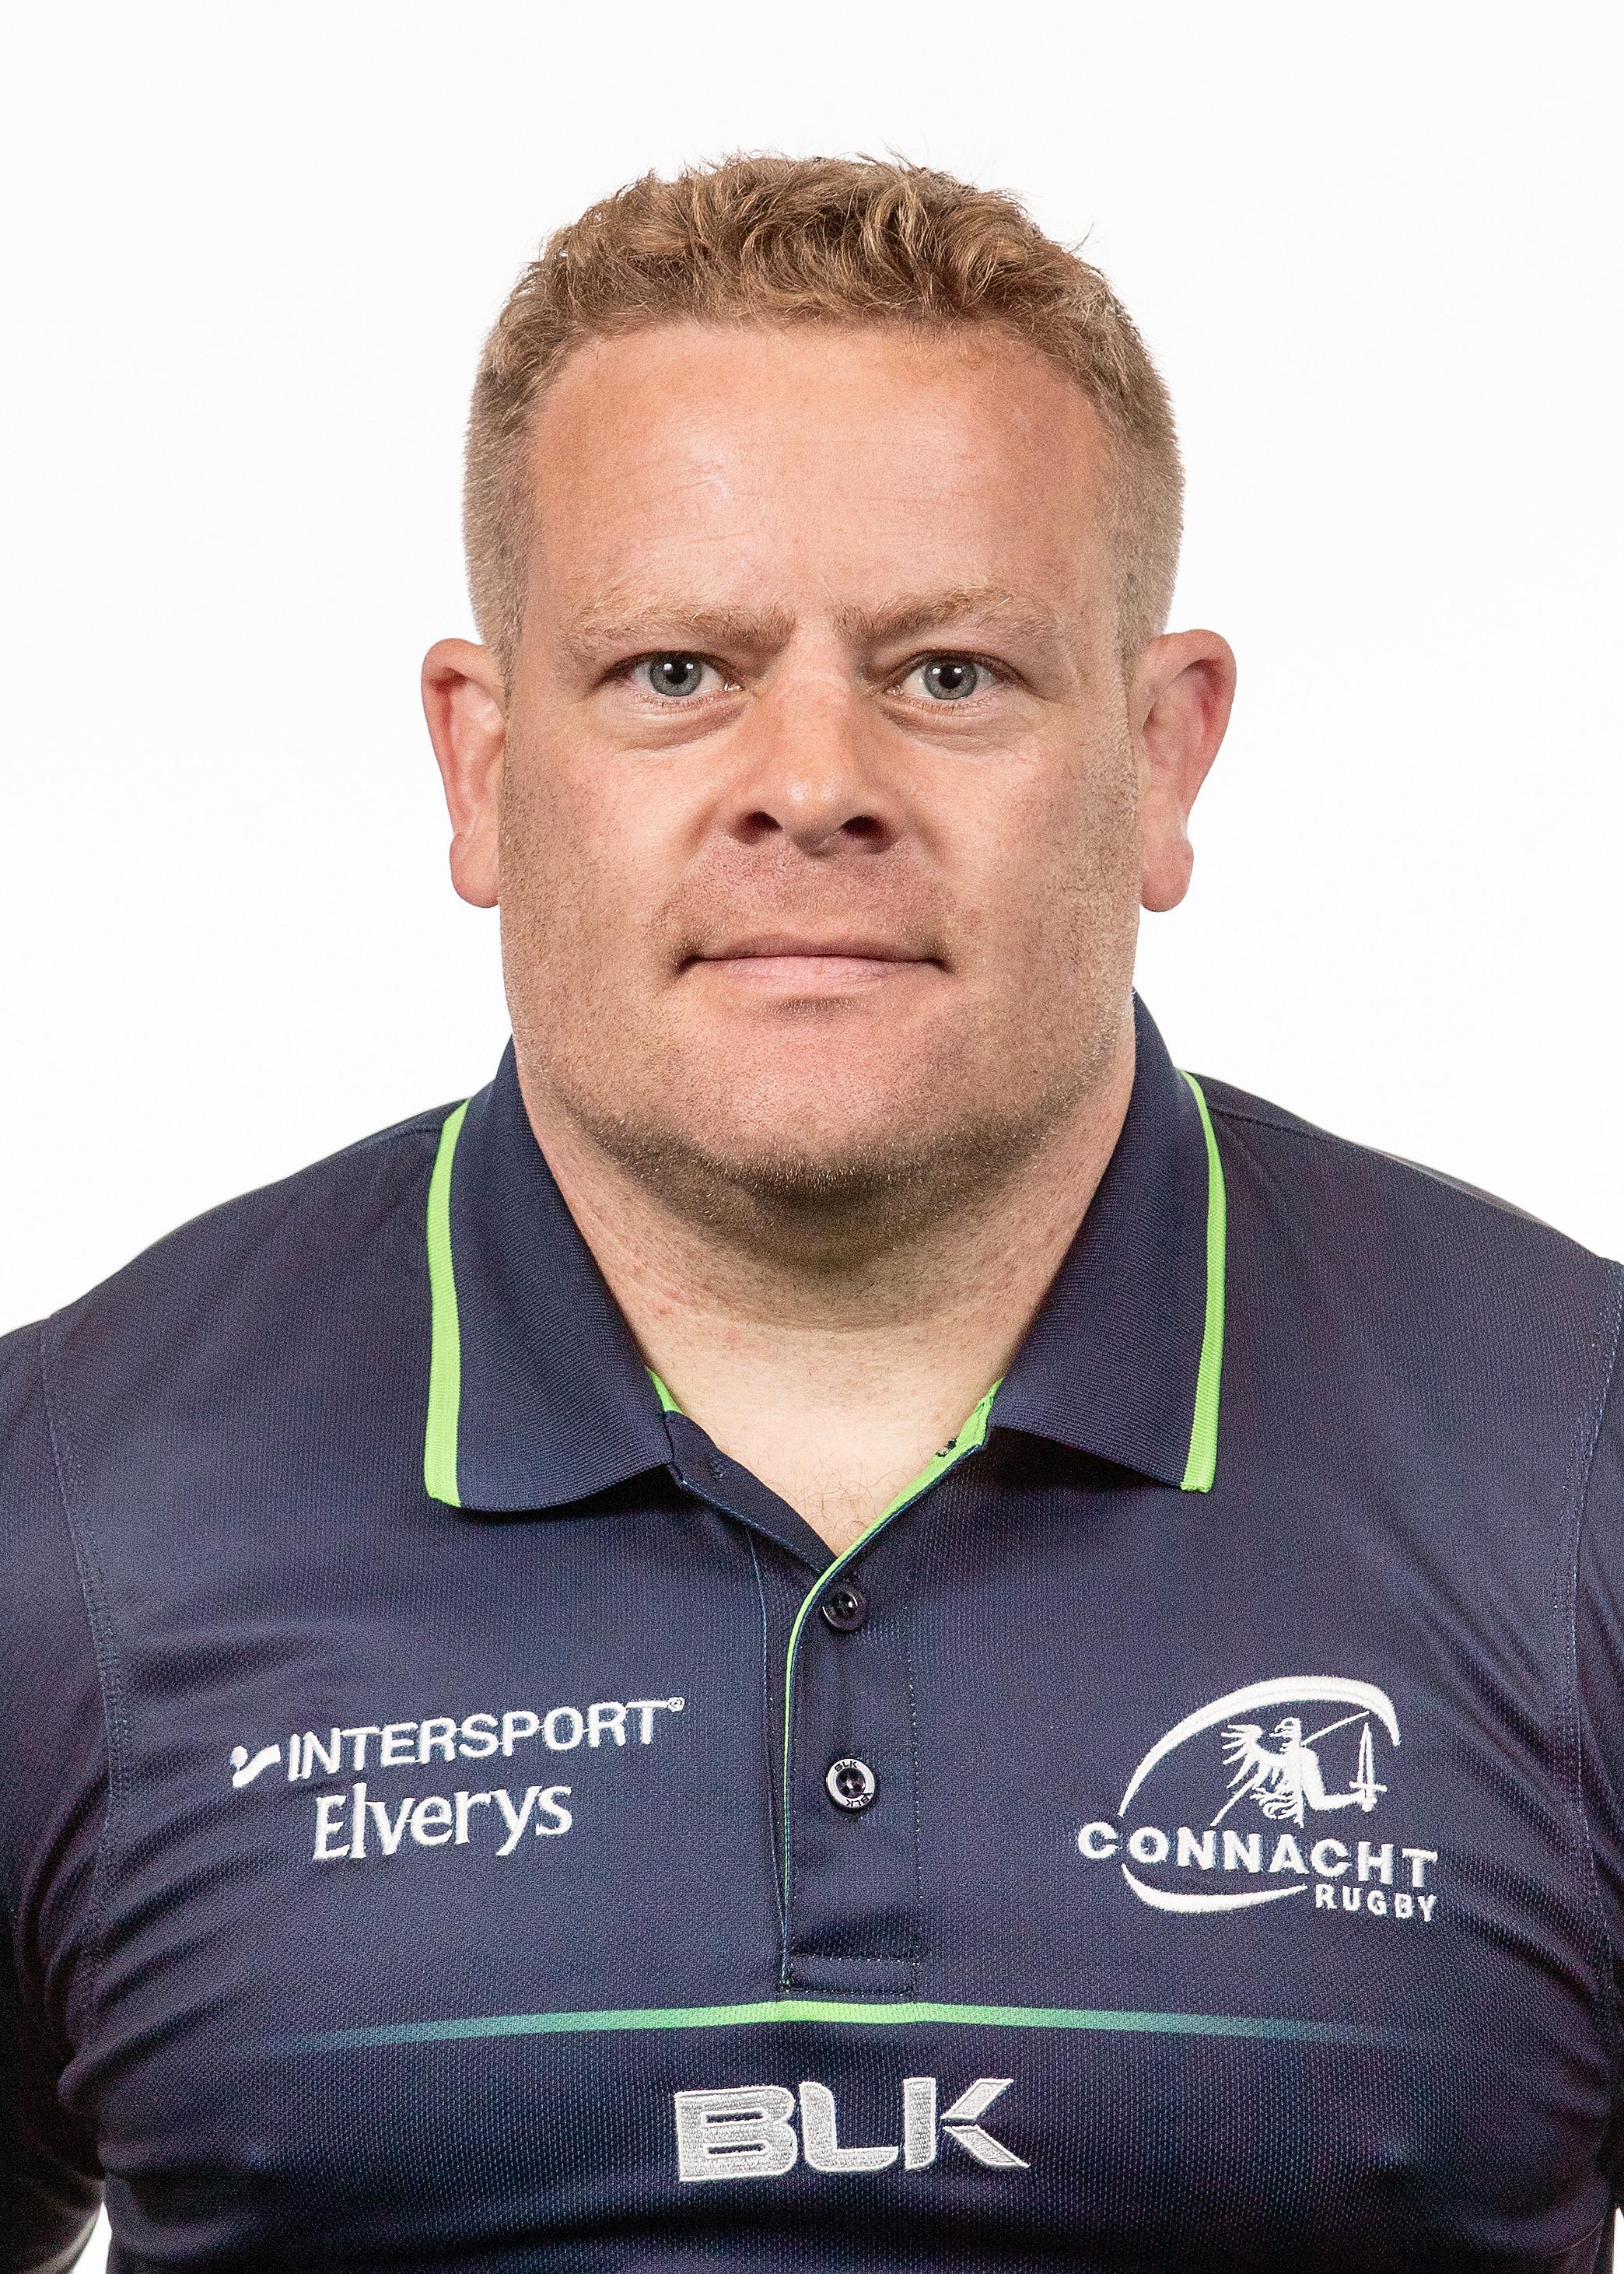 Gavin Foley